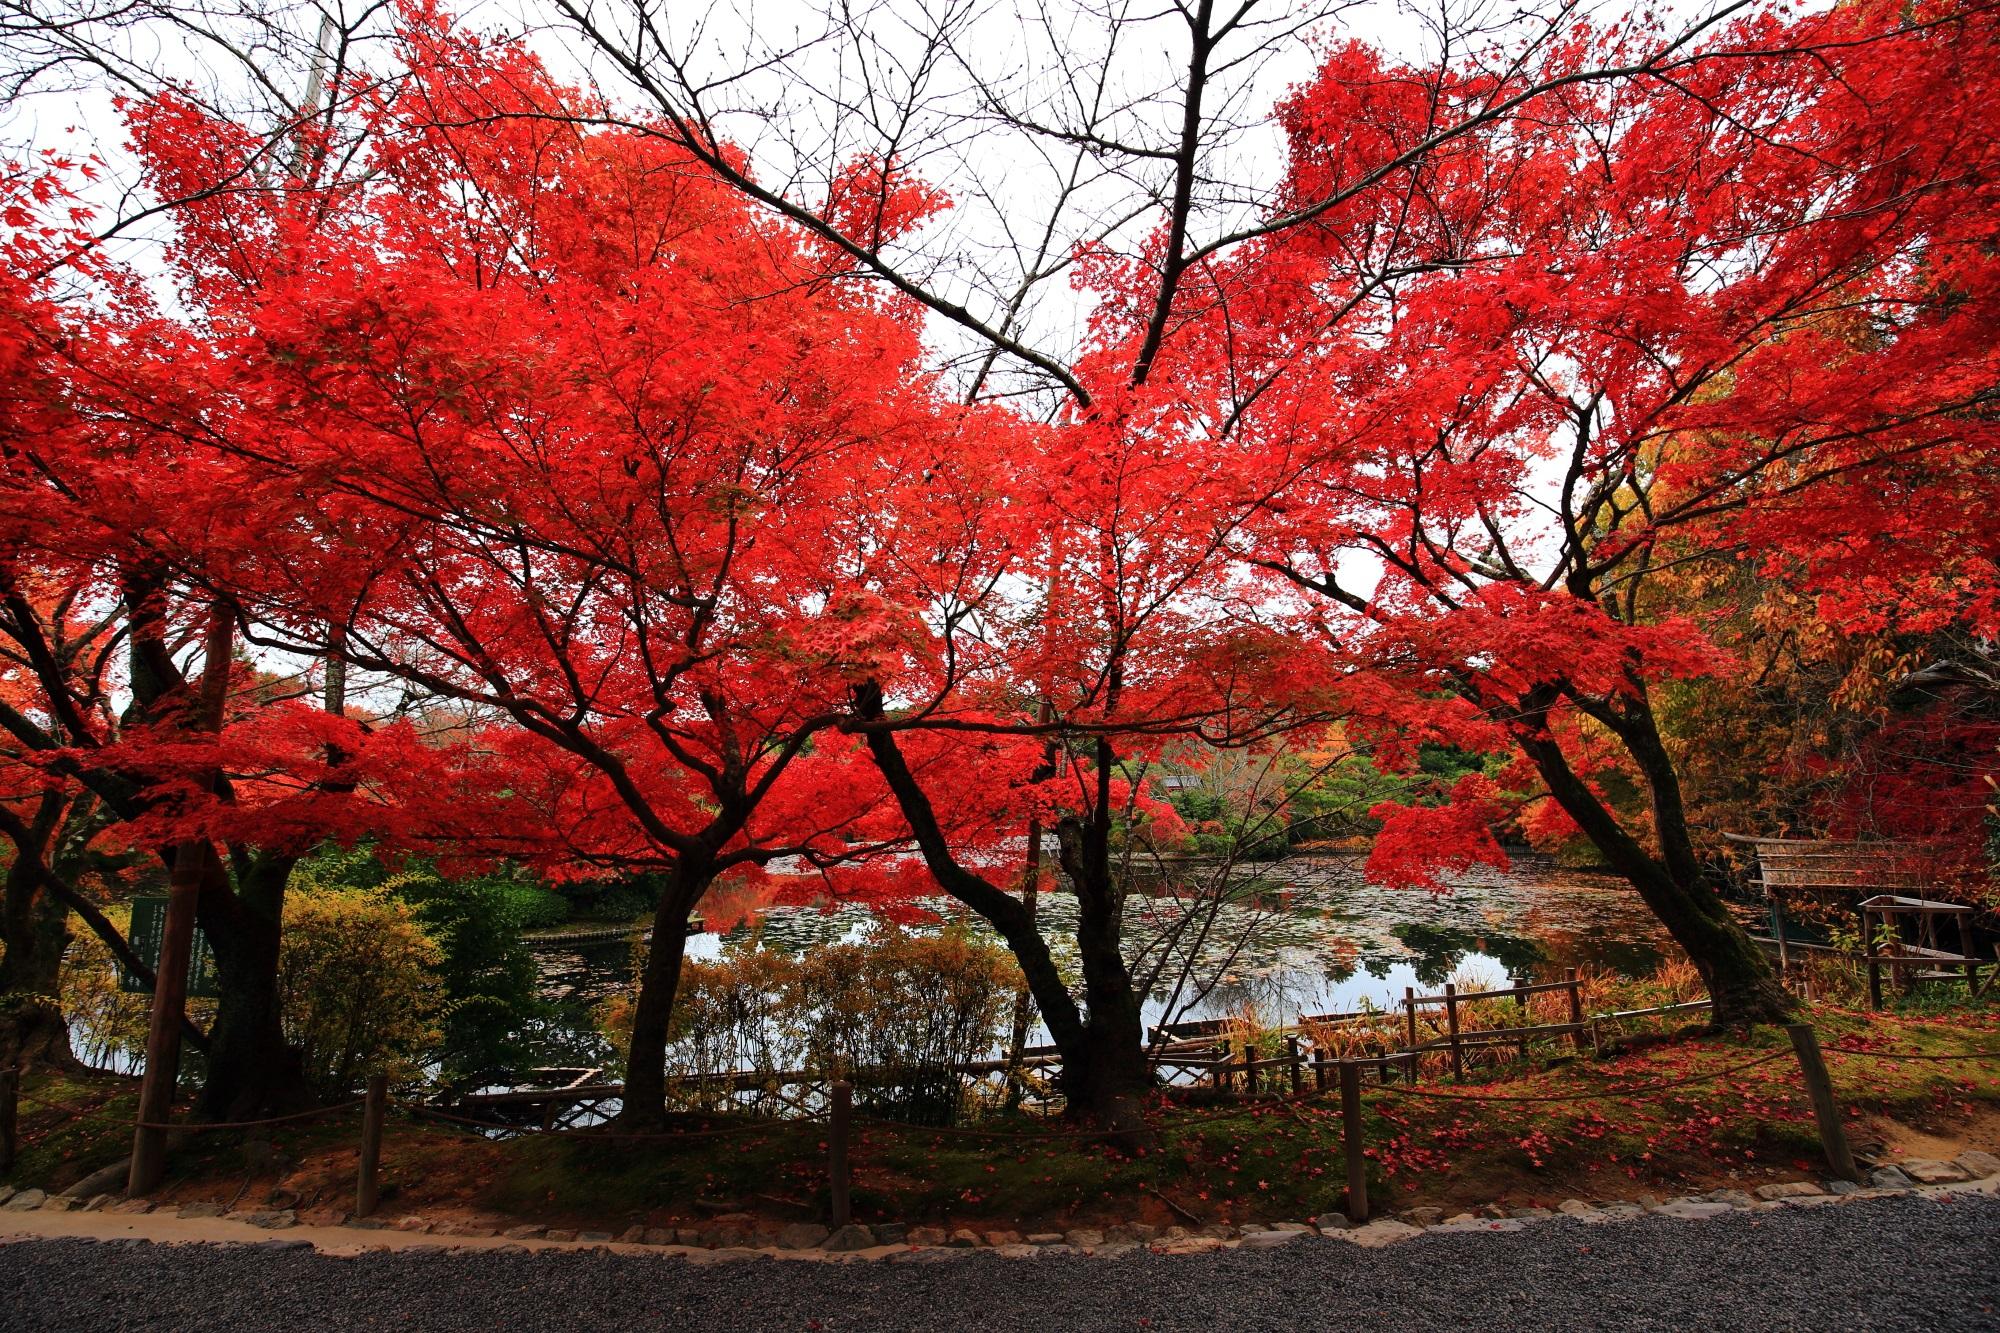 龍安寺の鏡容池の鮮やかな紅葉